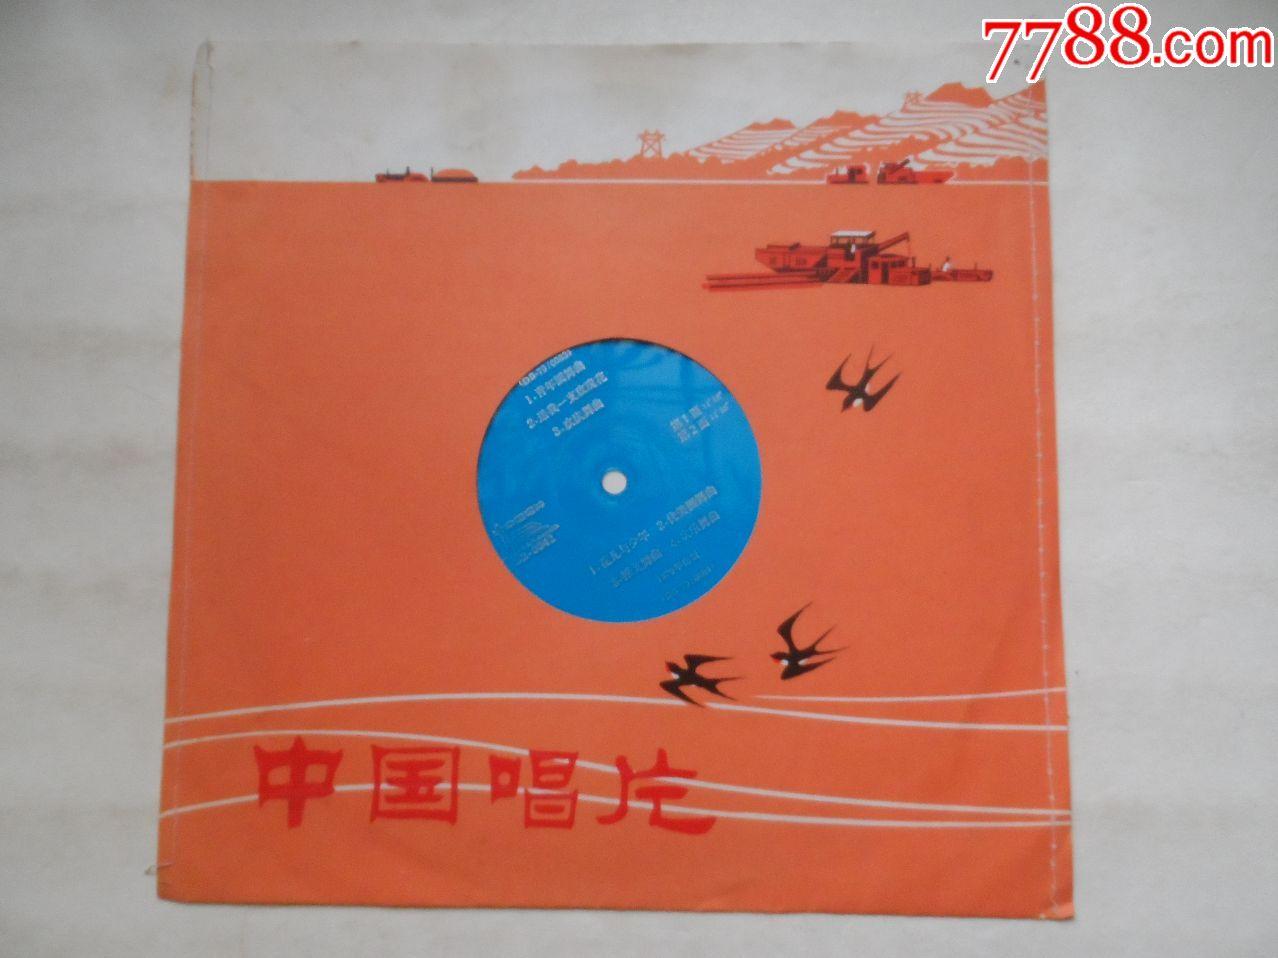 塑料唱片—青年圆舞曲.送我一支玫瑰花.欢庆舞曲